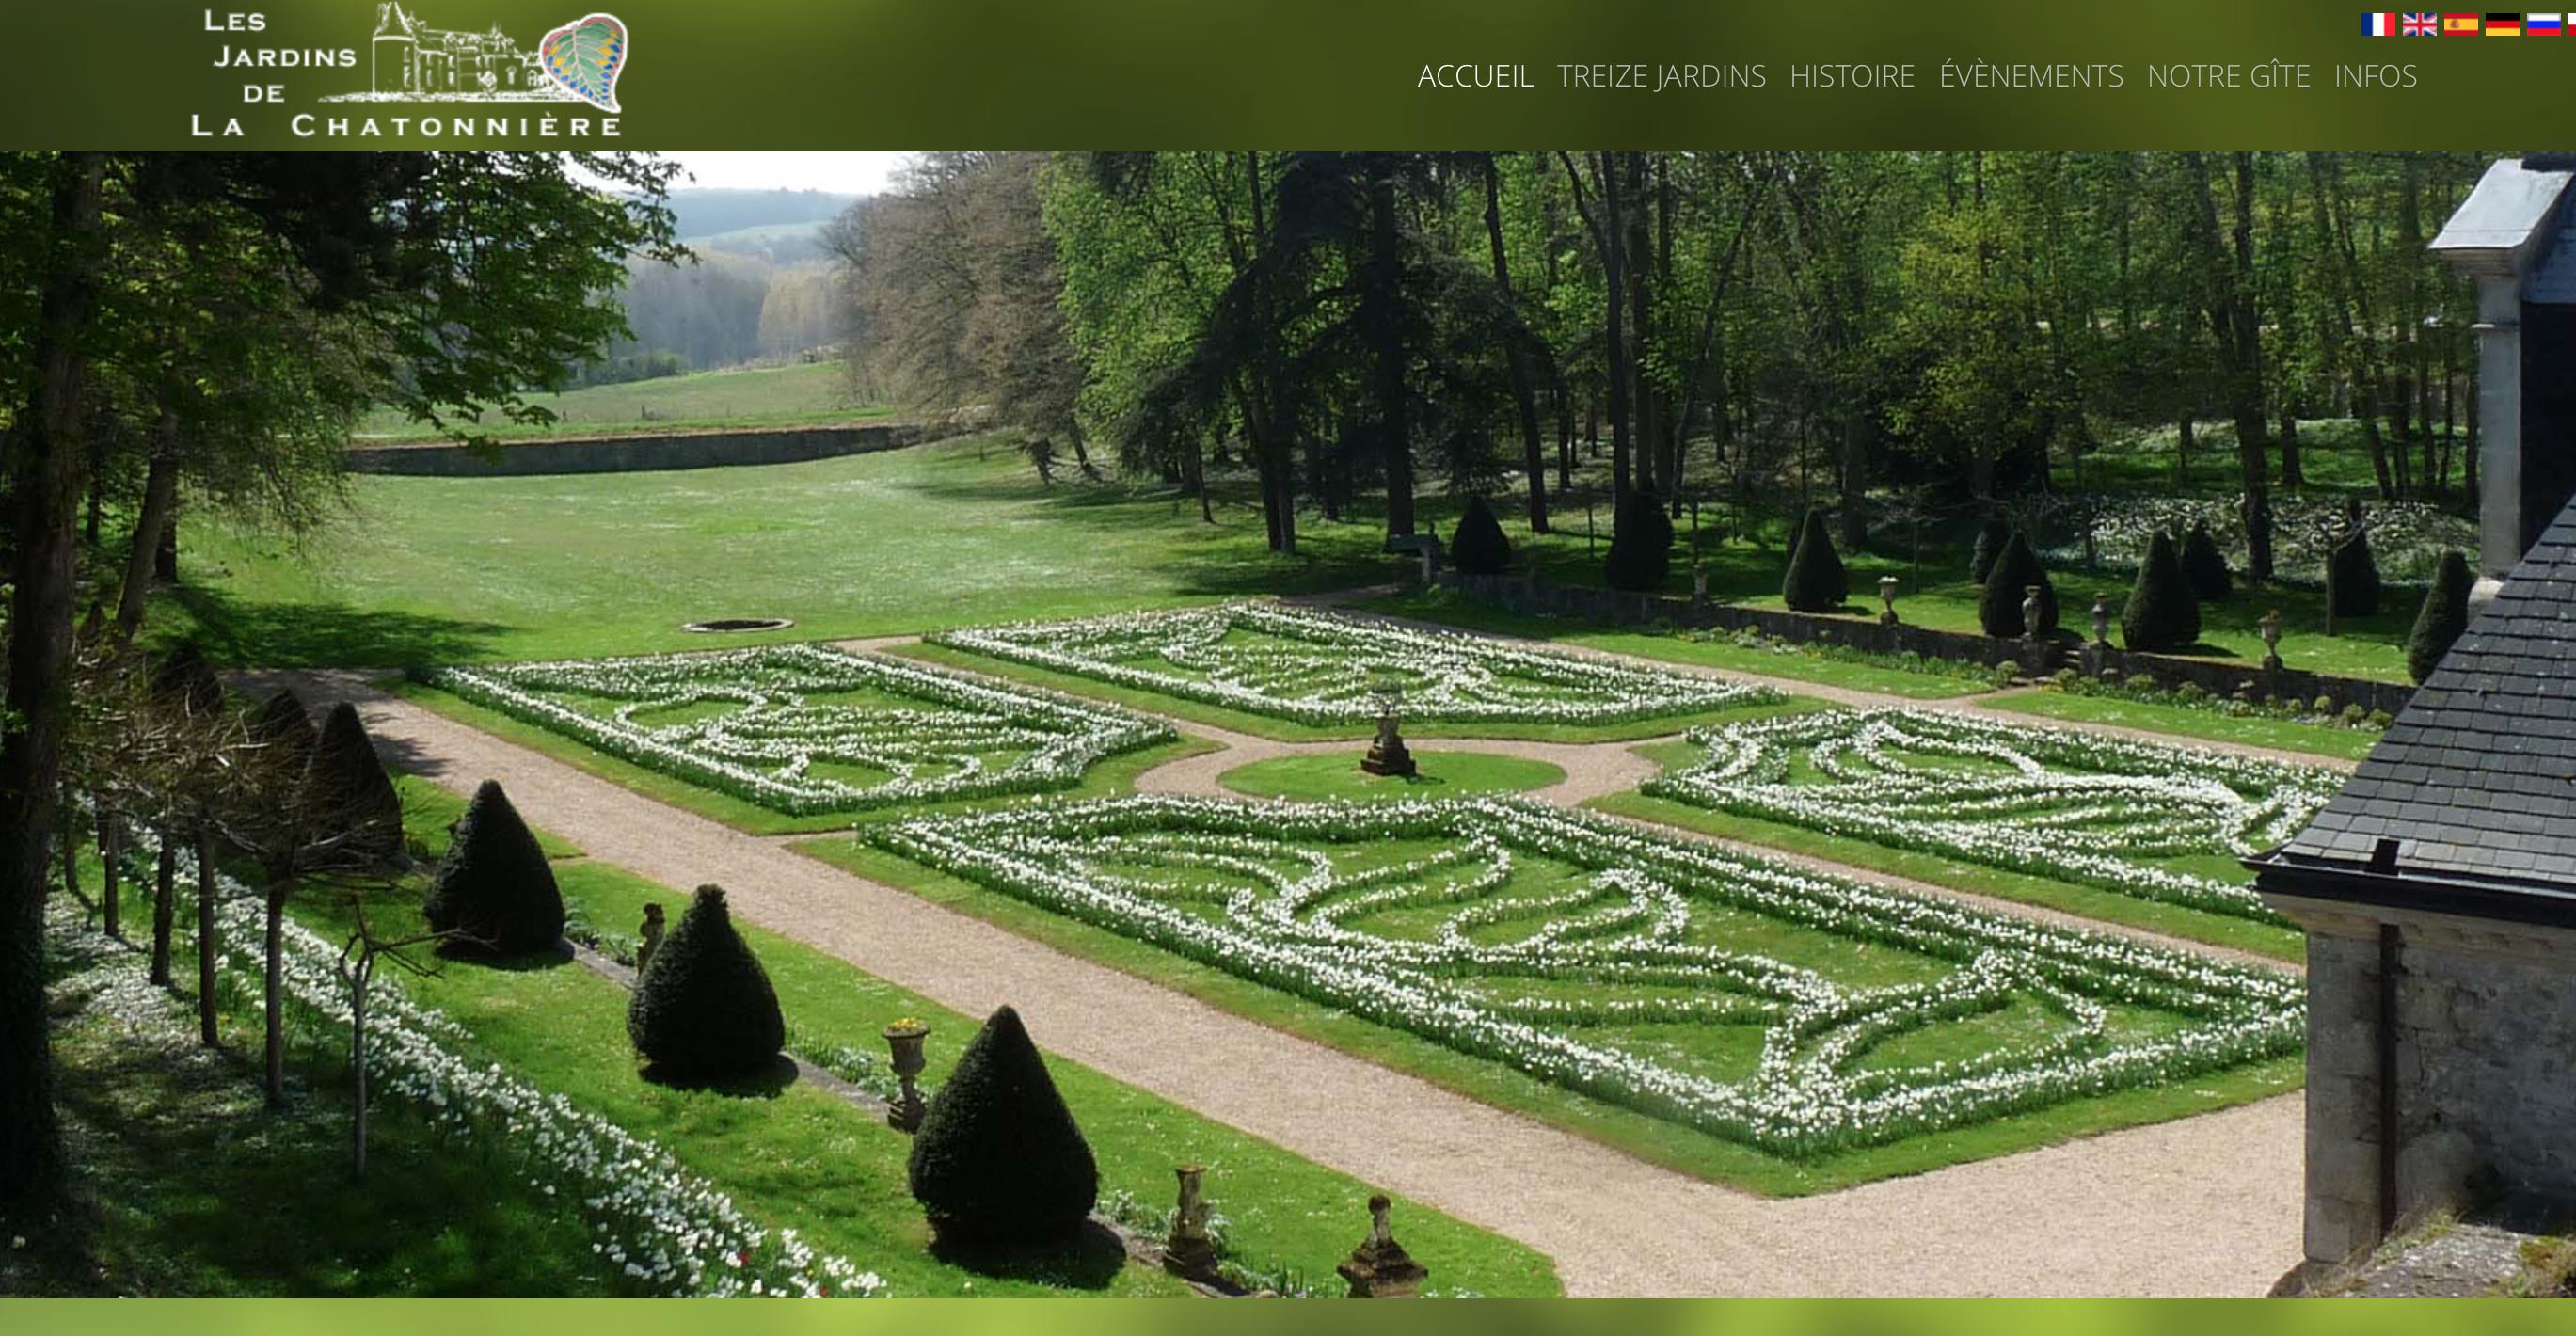 Les jardins du château de la Chatonnière